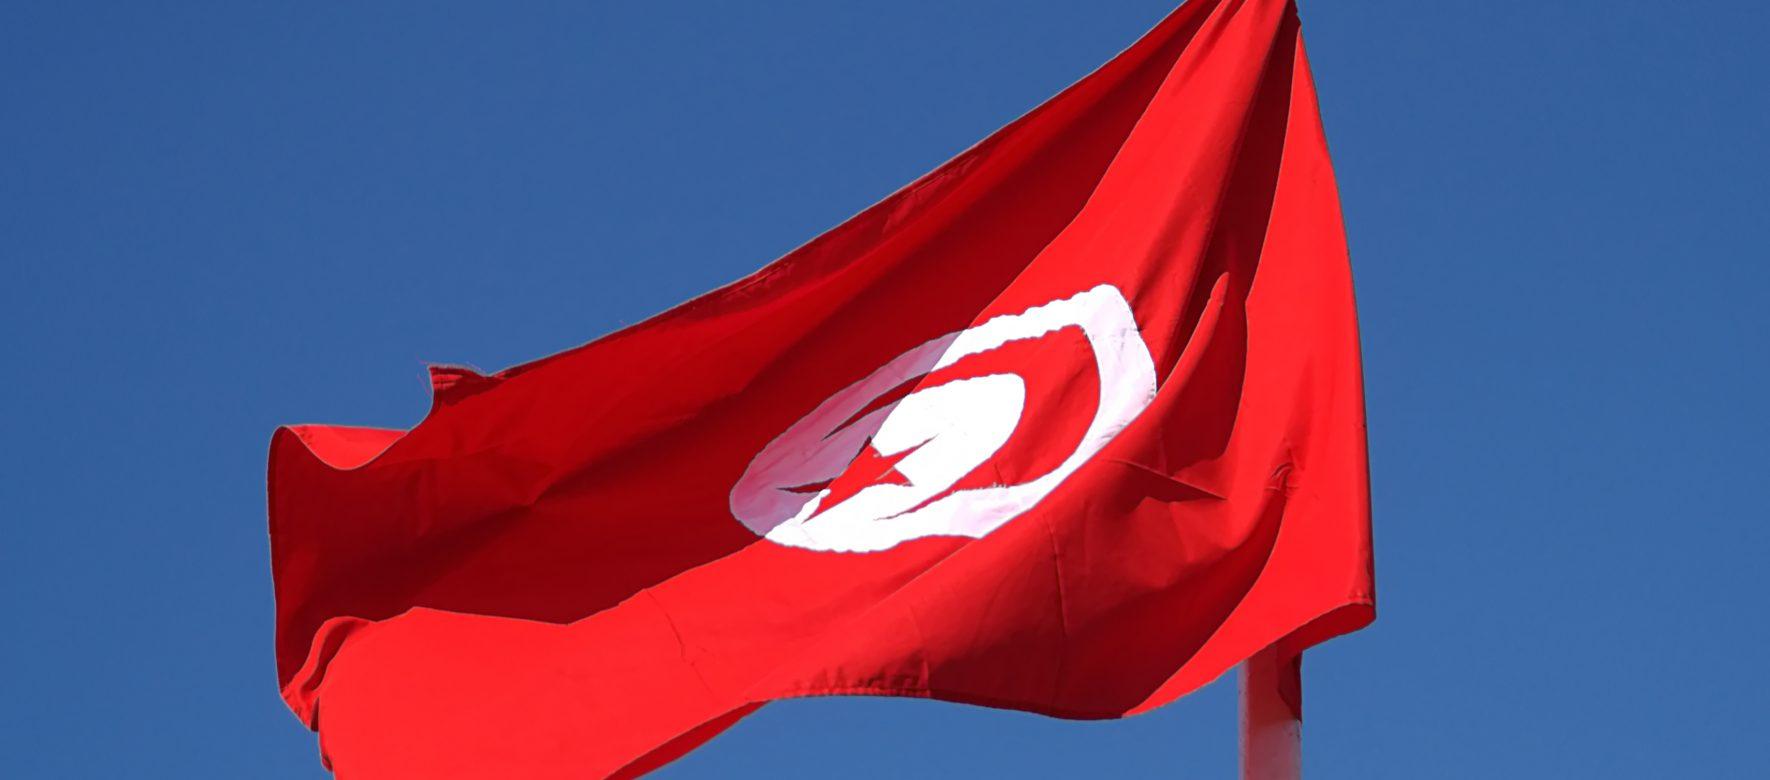 La Tunisie atteint une croissance économique de 1,4% au 2ème trimestre 2016